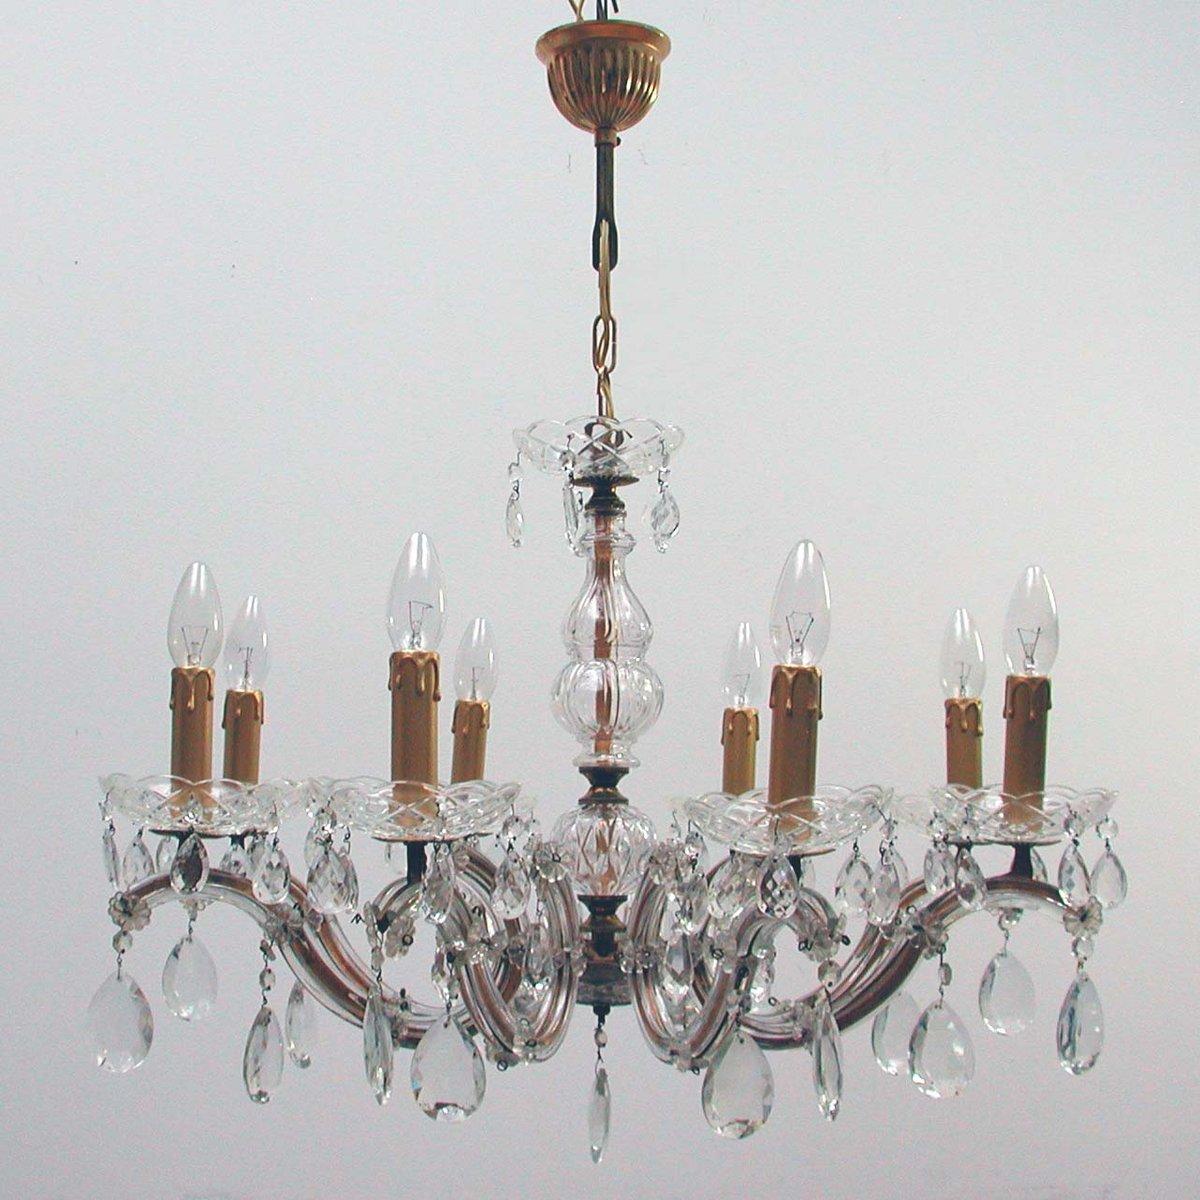 lampadario con 8 luci in ottone e cristallo italia anni 39 50 in vendita su pamono. Black Bedroom Furniture Sets. Home Design Ideas